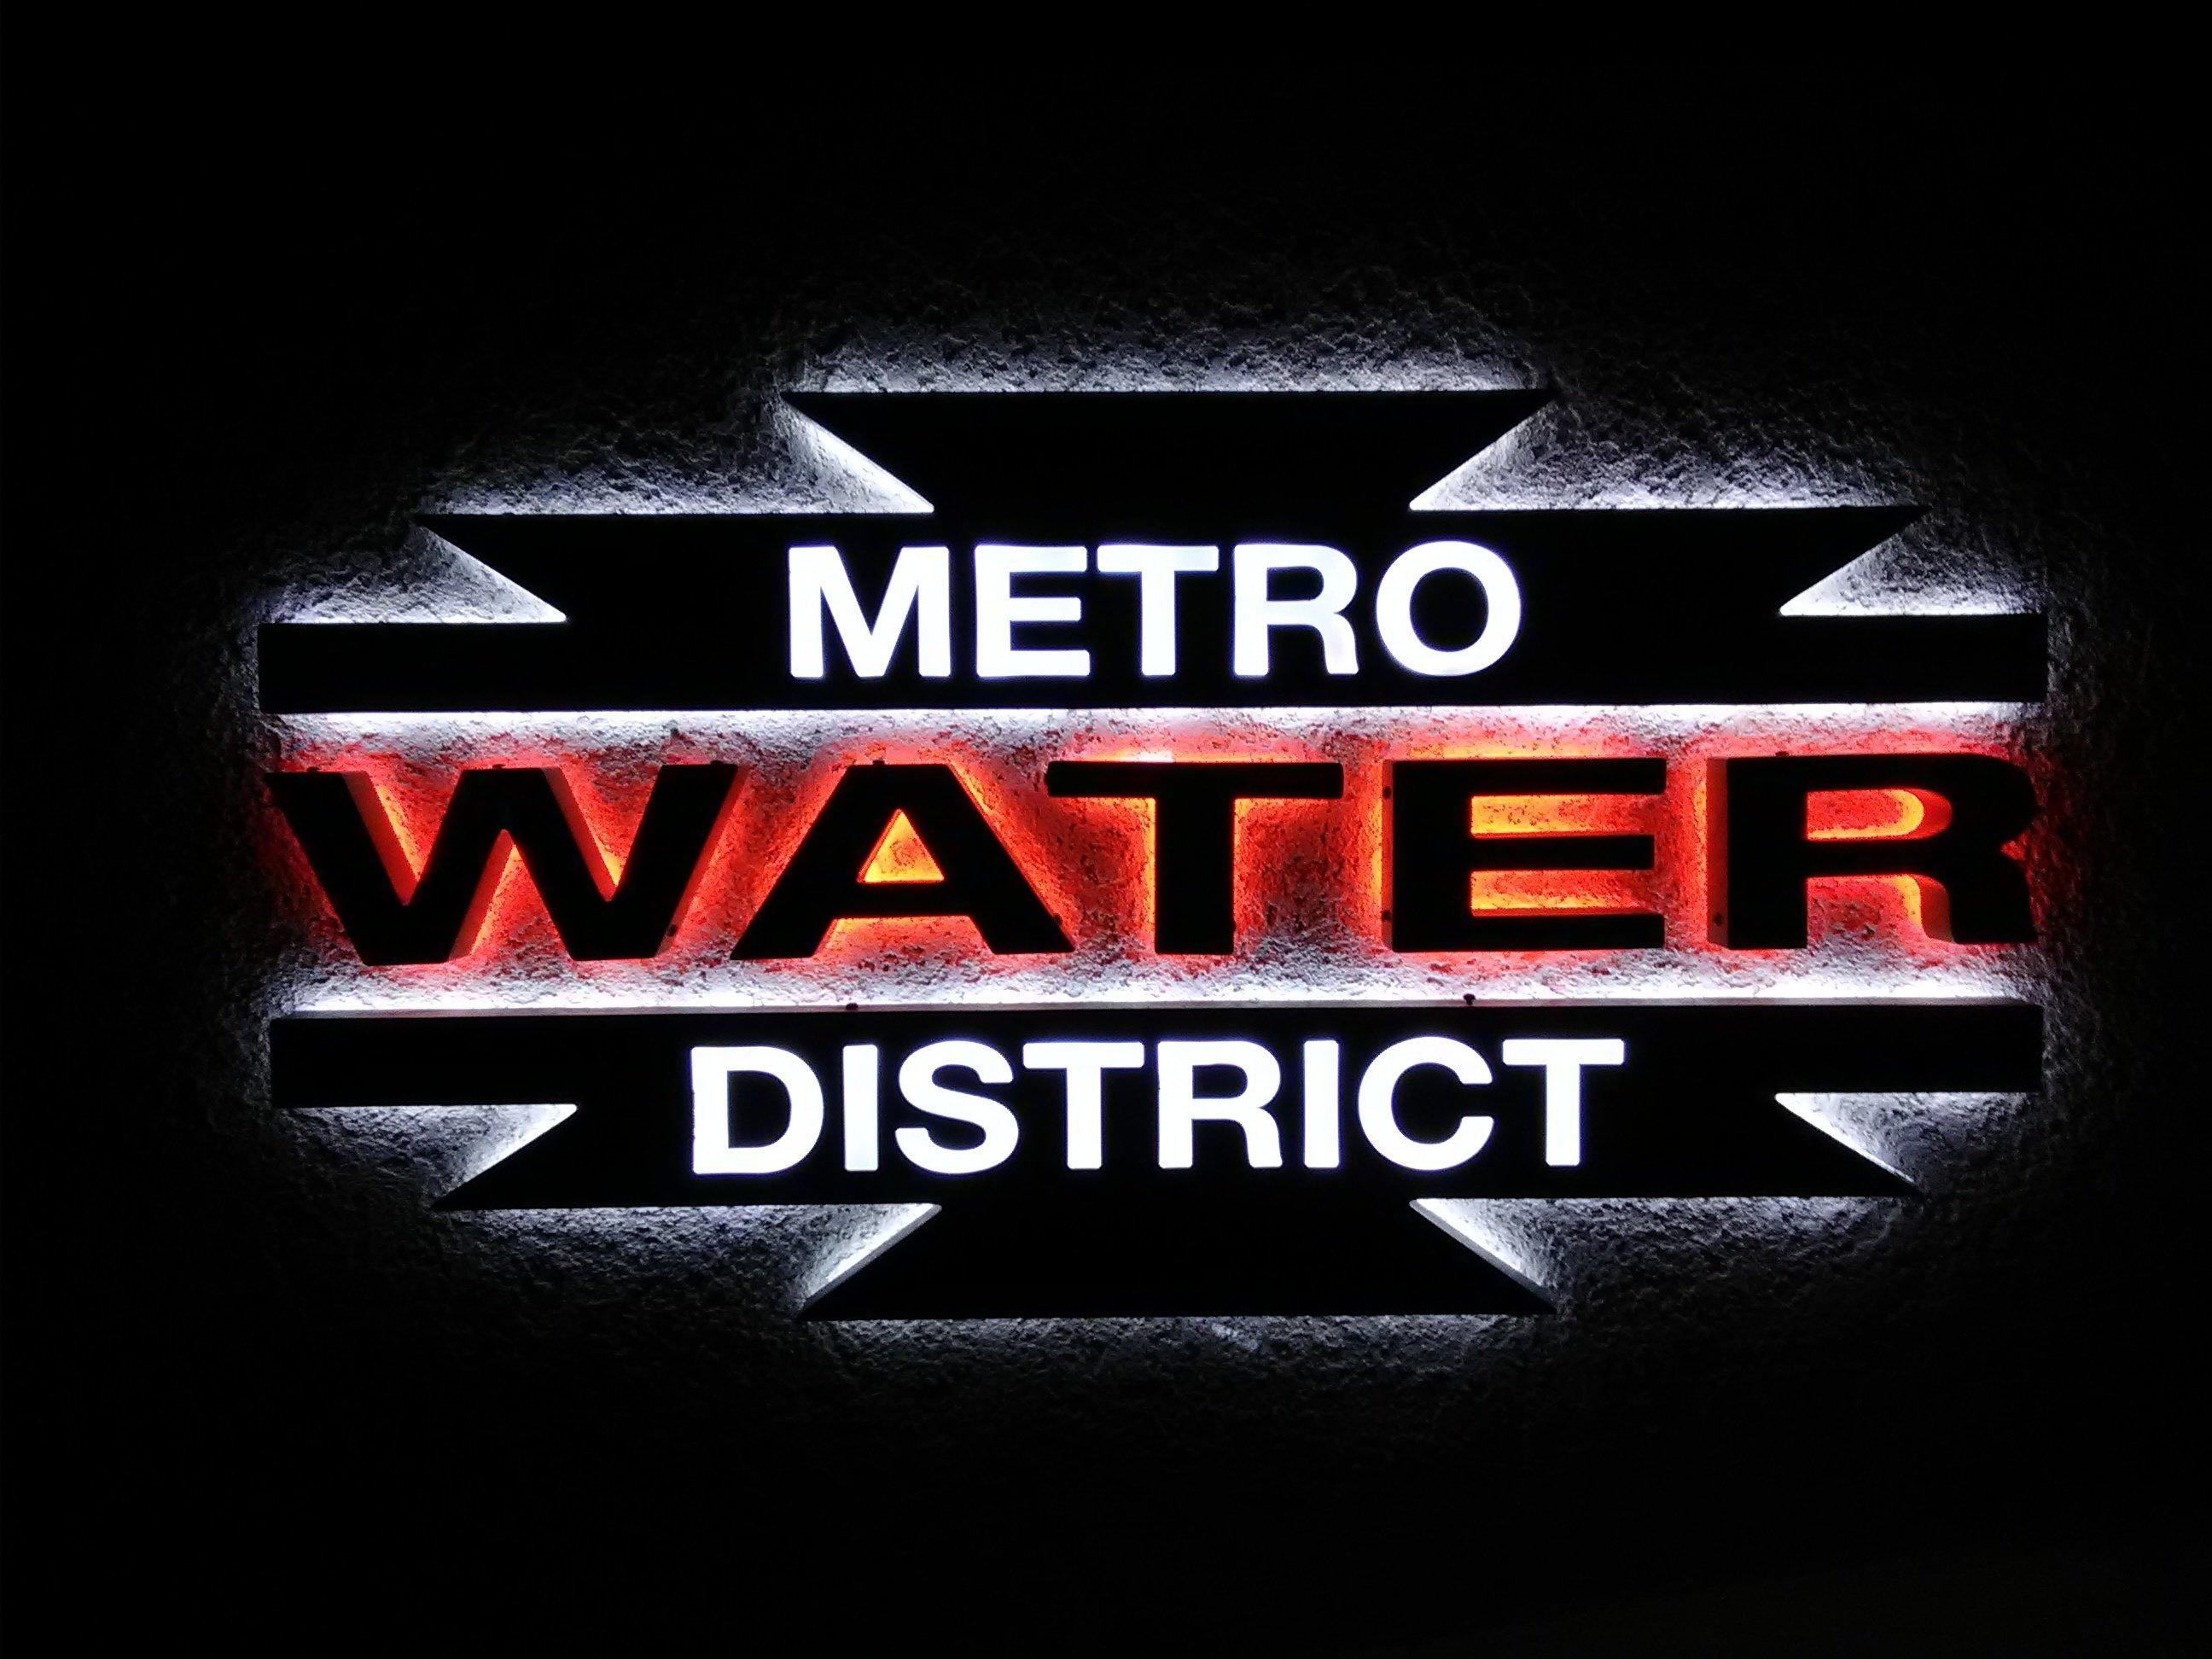 MetroWater District - Metro Water Tucson Az , Metro Water District of Tucson , Tucson Metro Water District , Metro Water , Metro Water Tucson , metrowater , www.metrowater